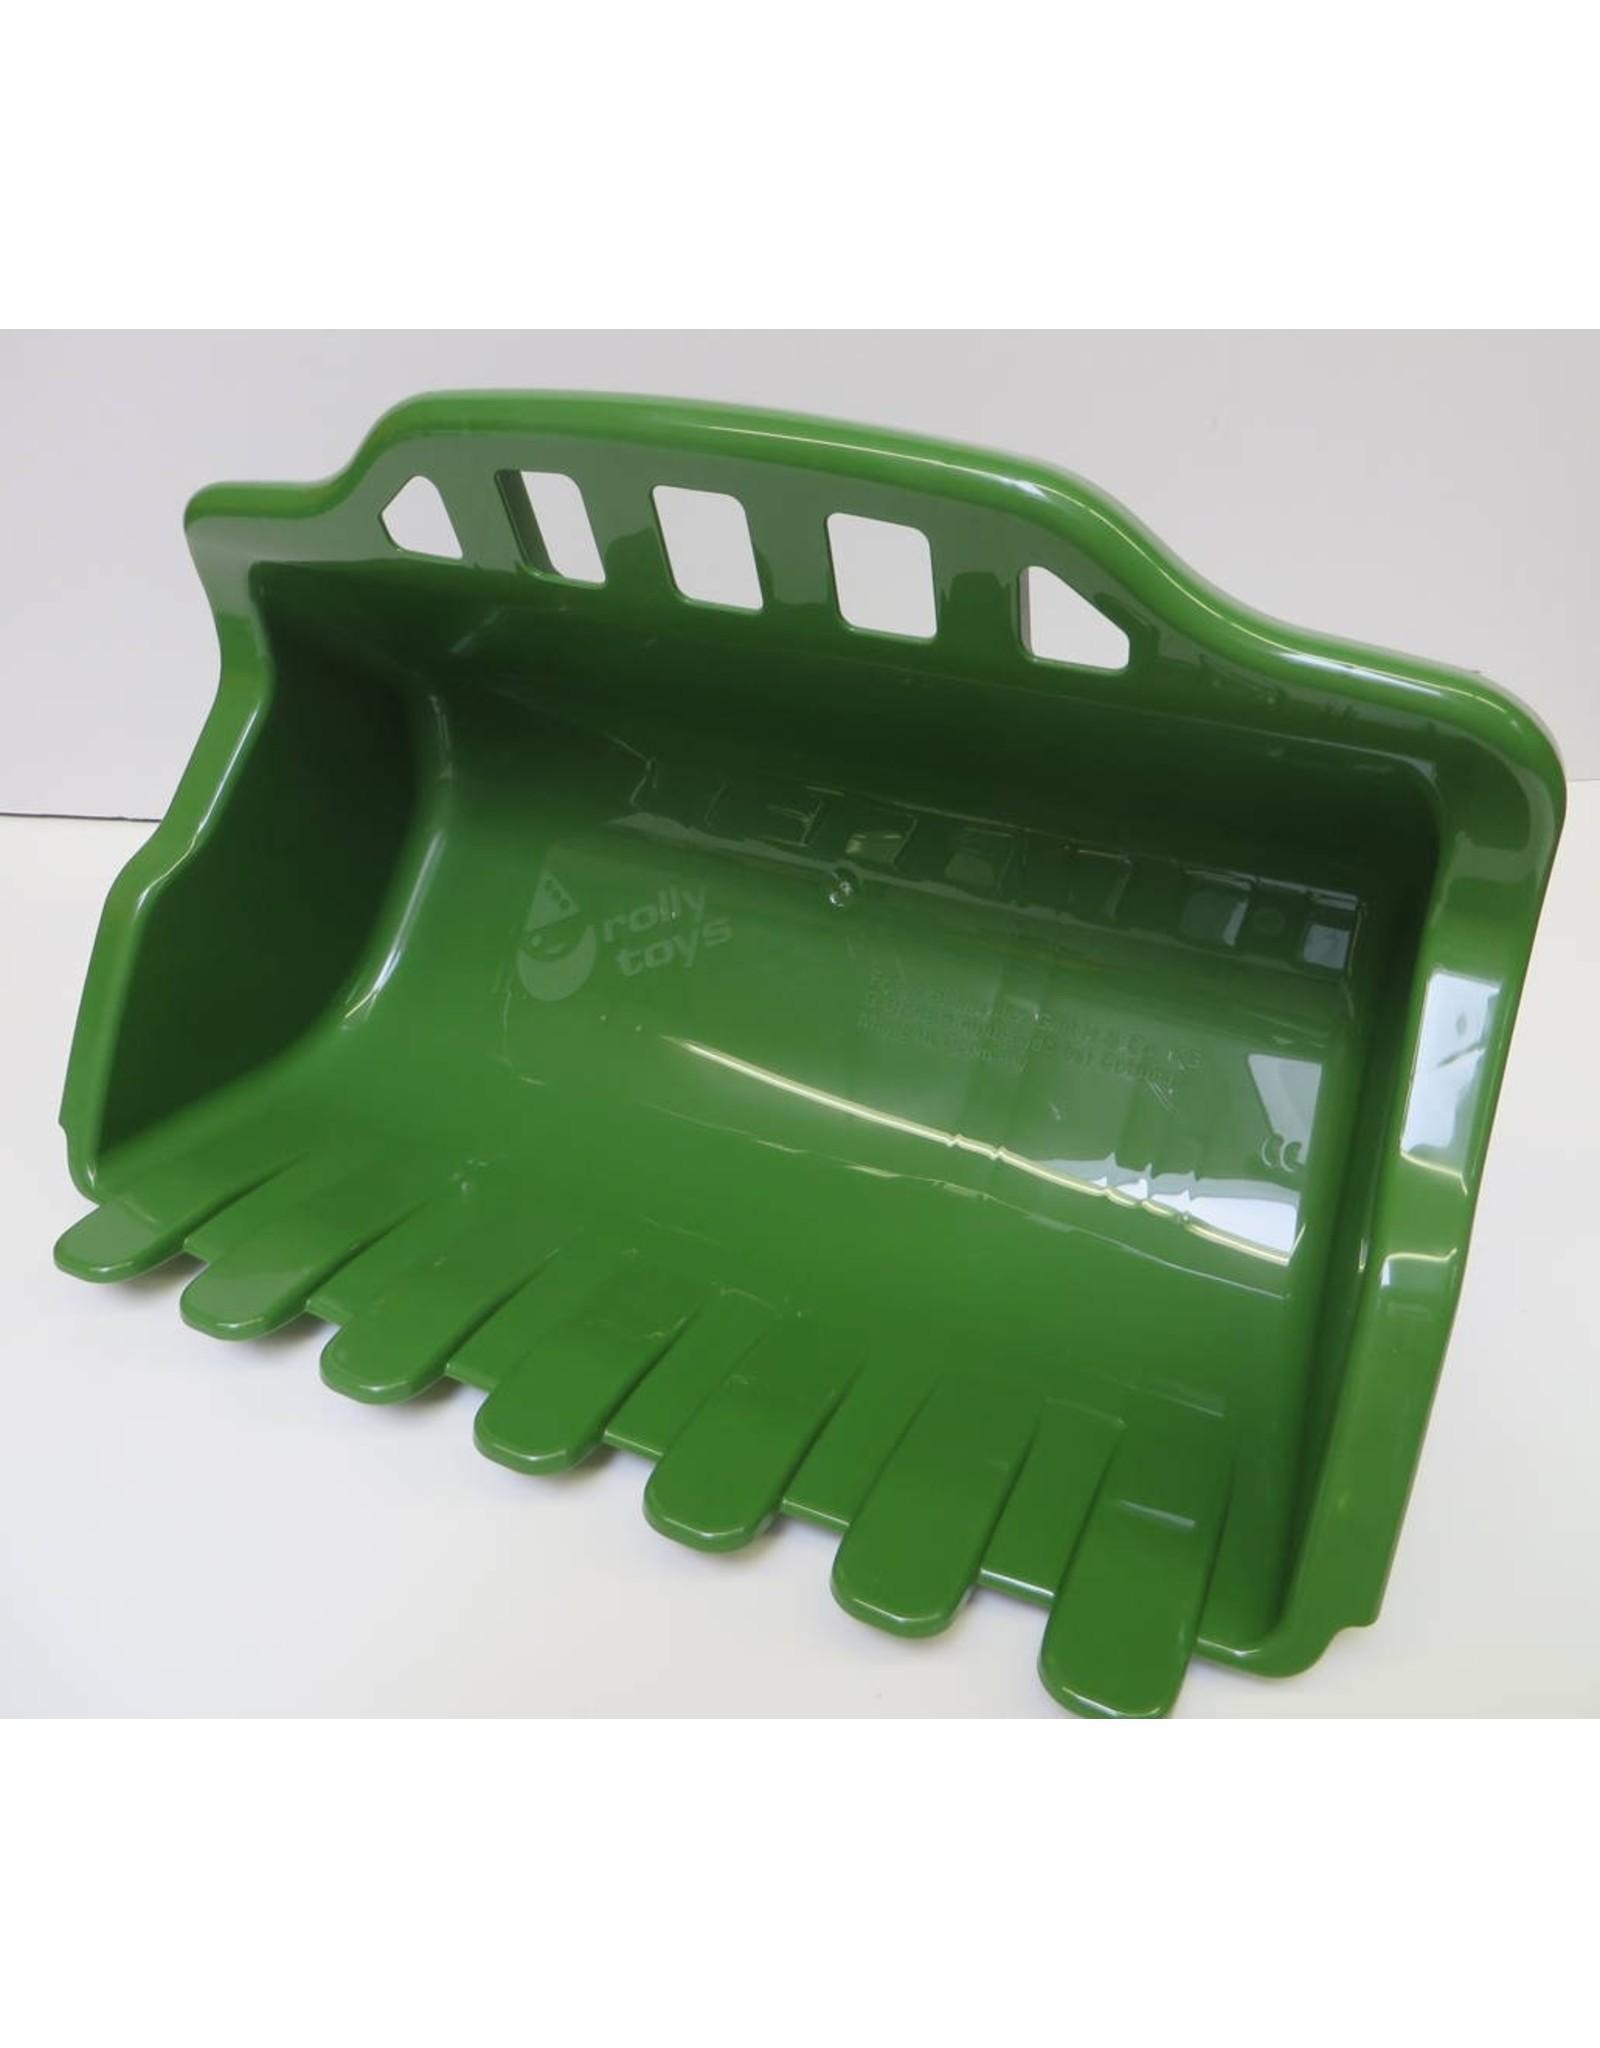 Rolly Toys Kantelbare kom X-trac Fendt-groen